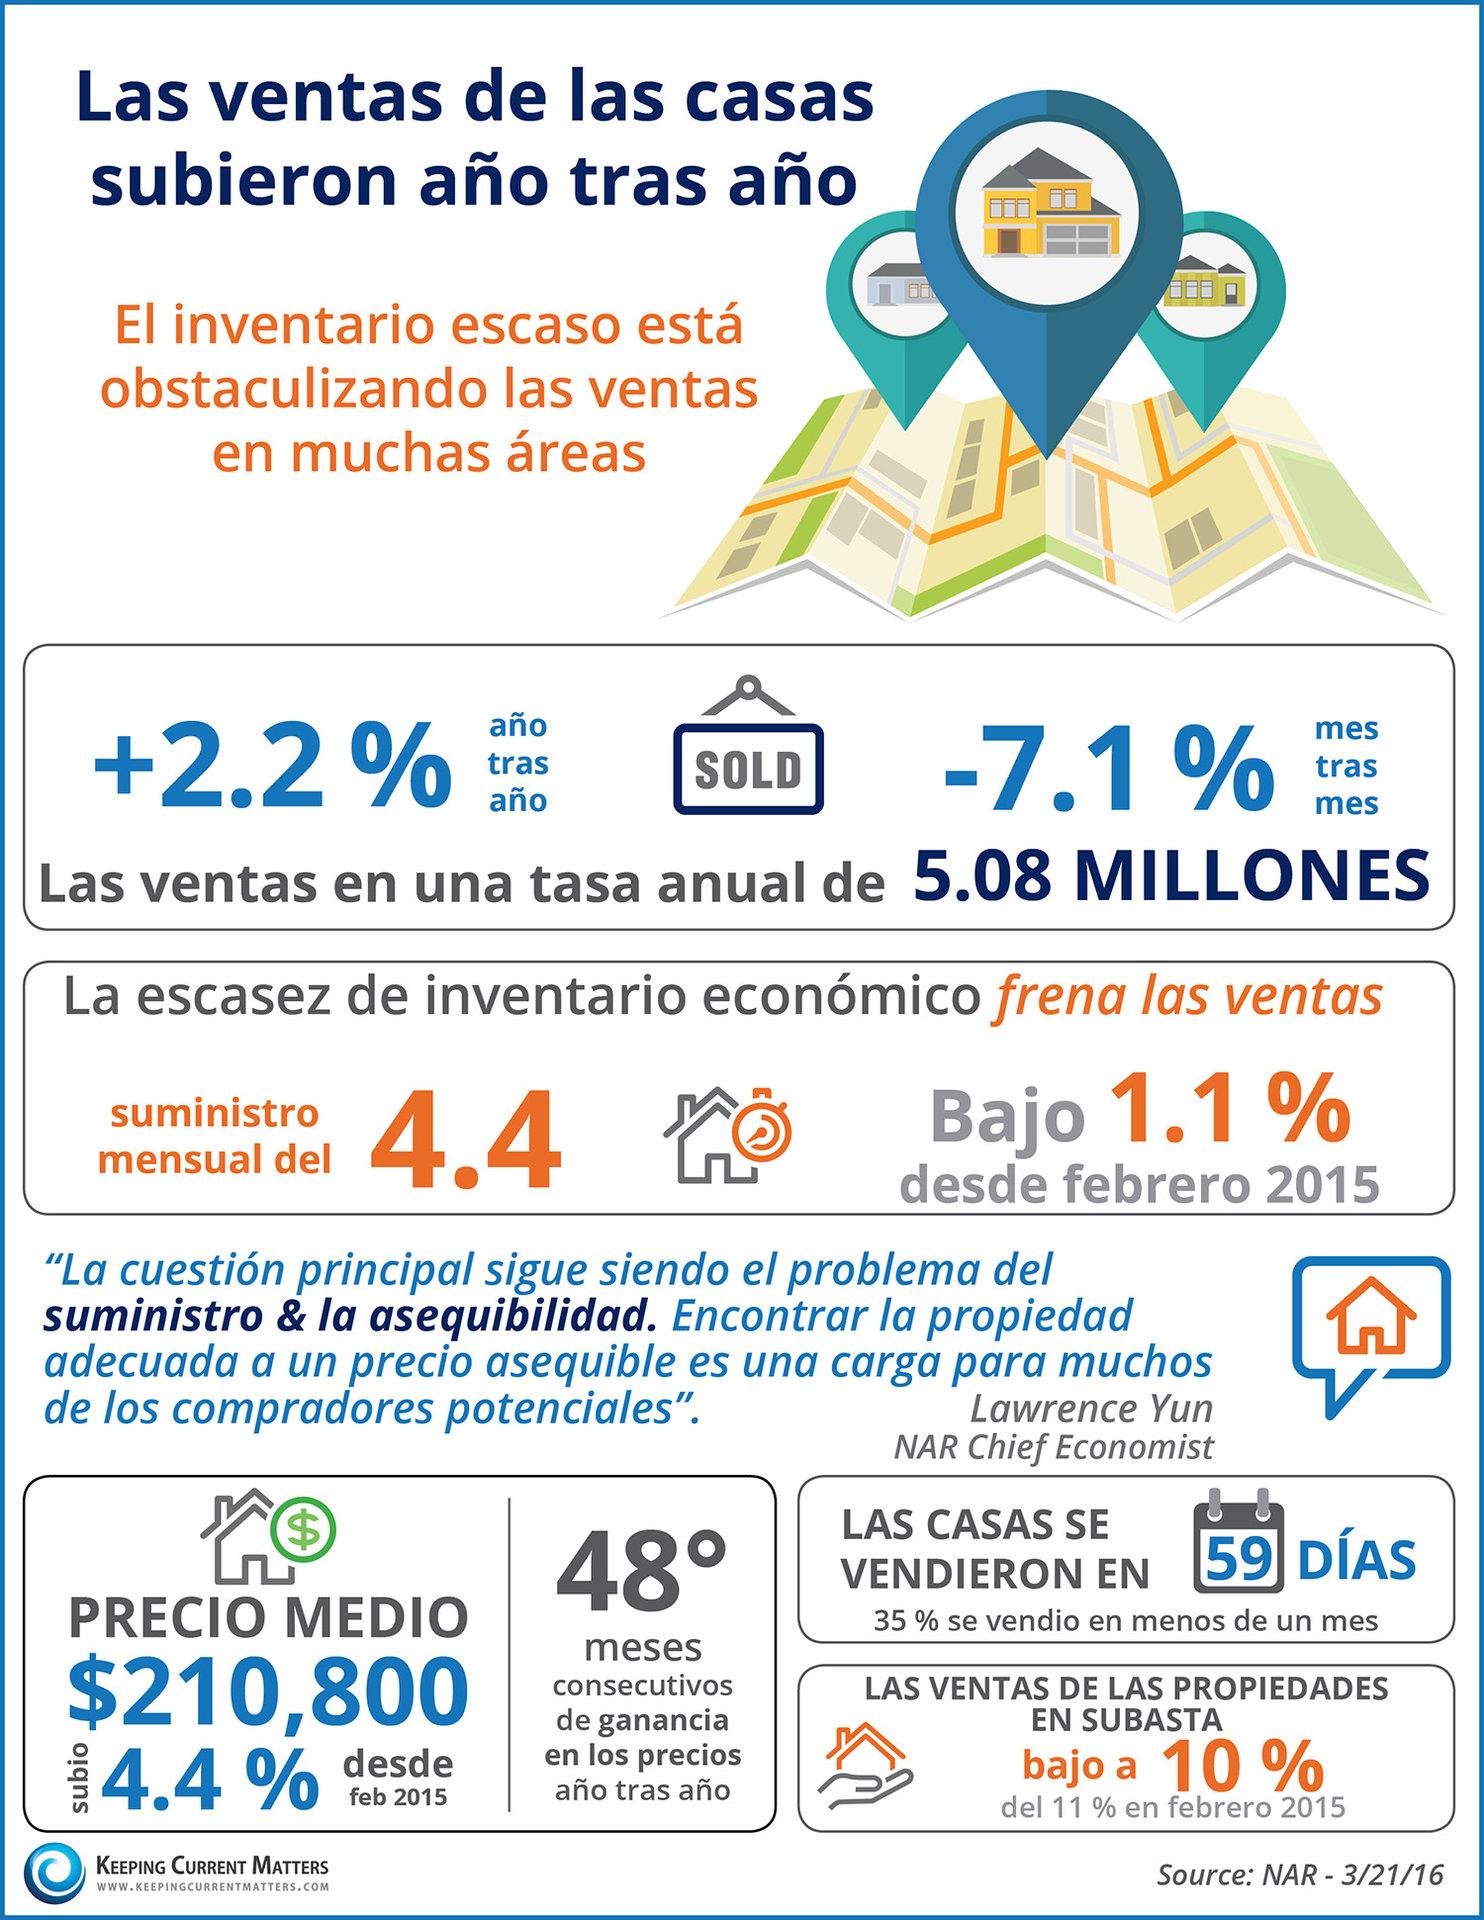 Las ventas de las casas subieron año tras año   Keeping Current Matters